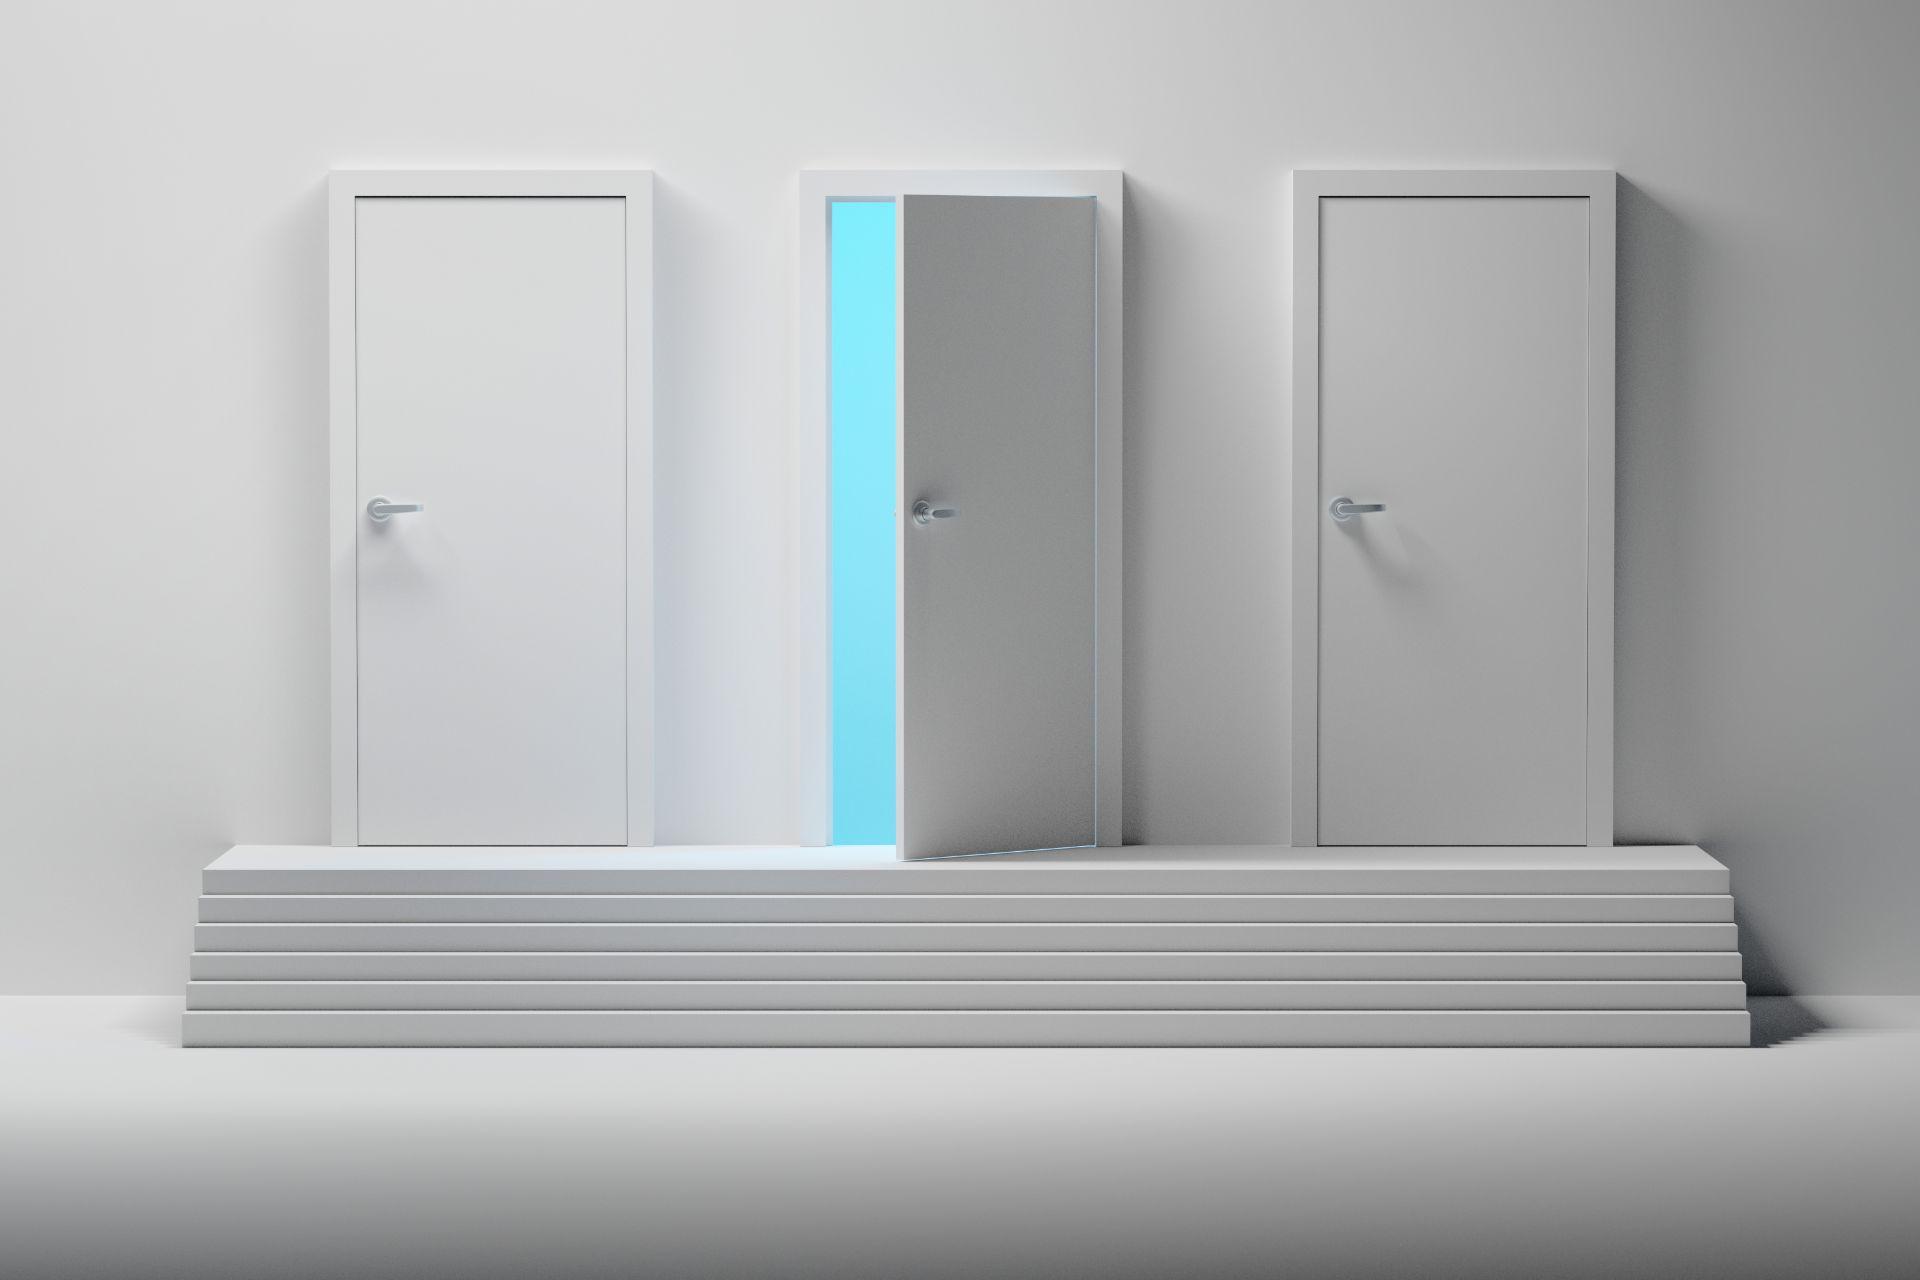 דלתות פנים מחיר משתלם בדלתות בראשית